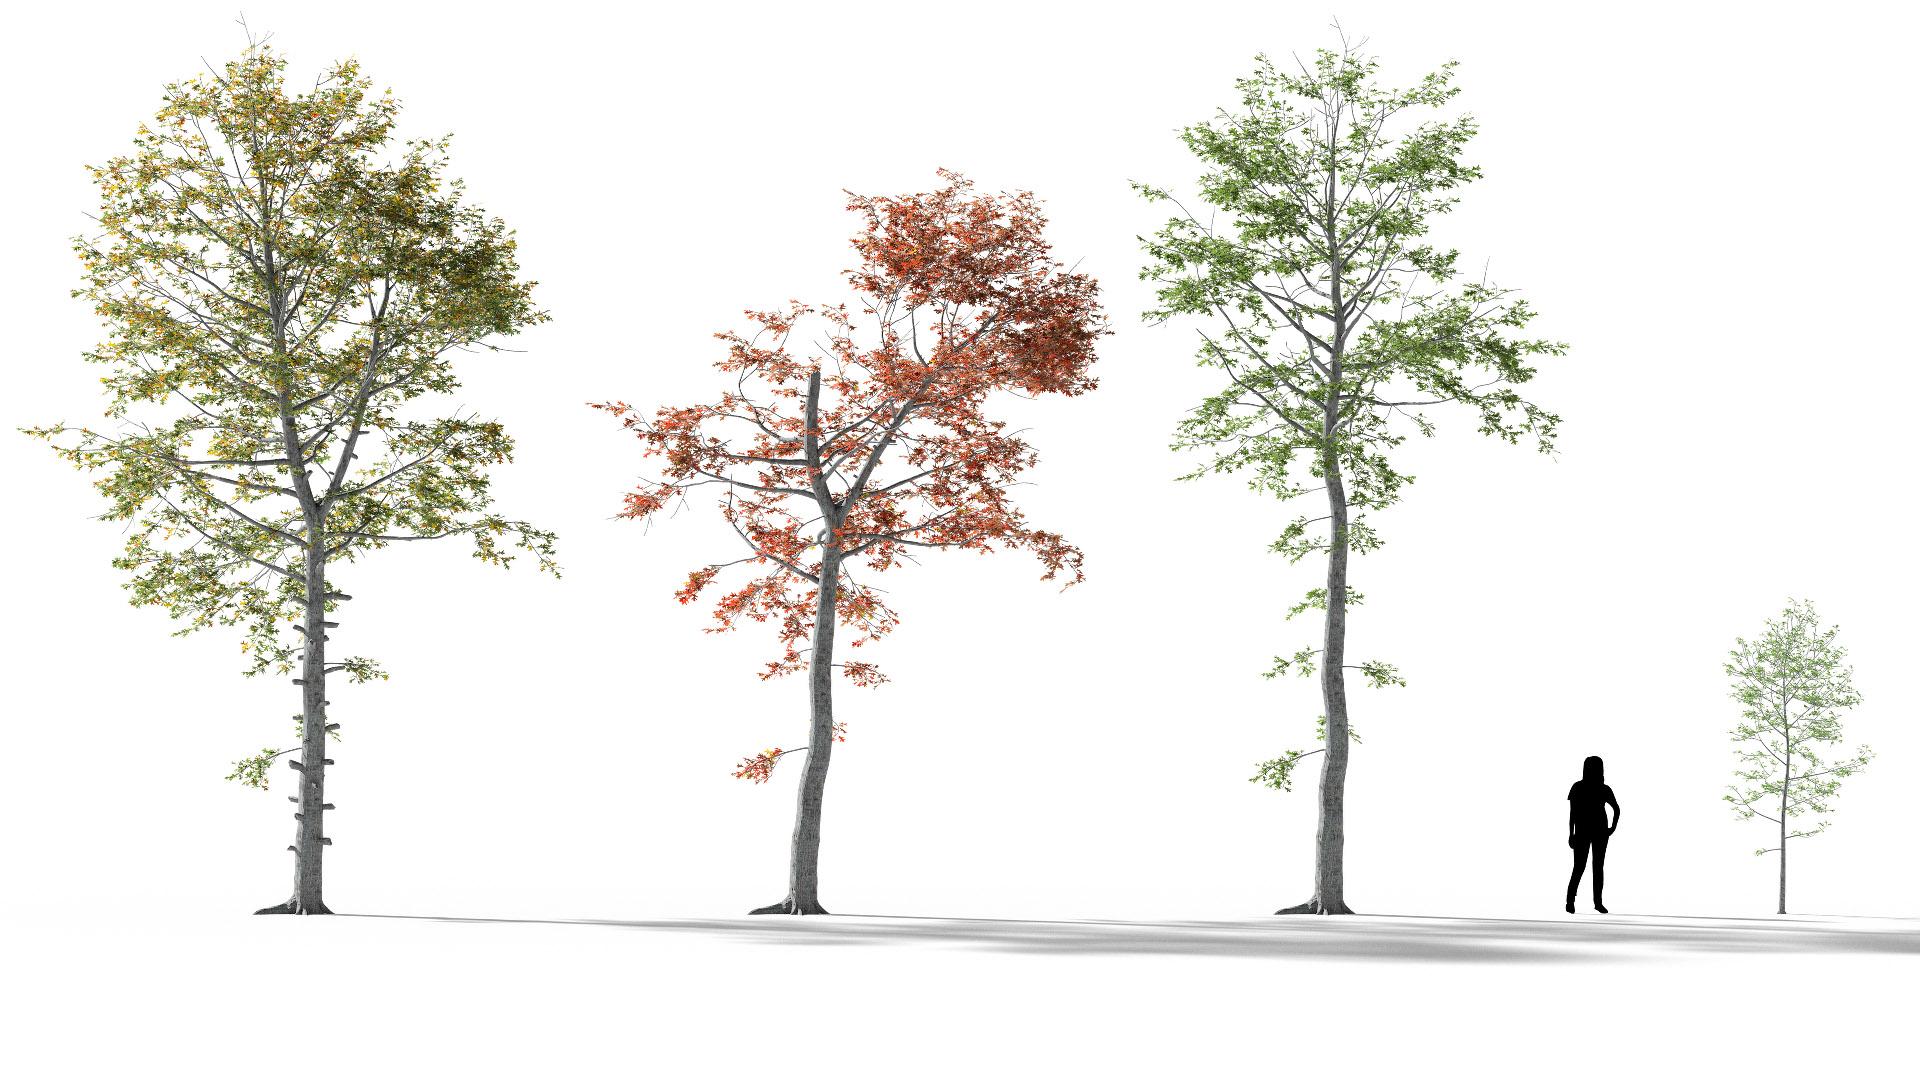 3D model of the Swamp oak Quercus palustris published parameters